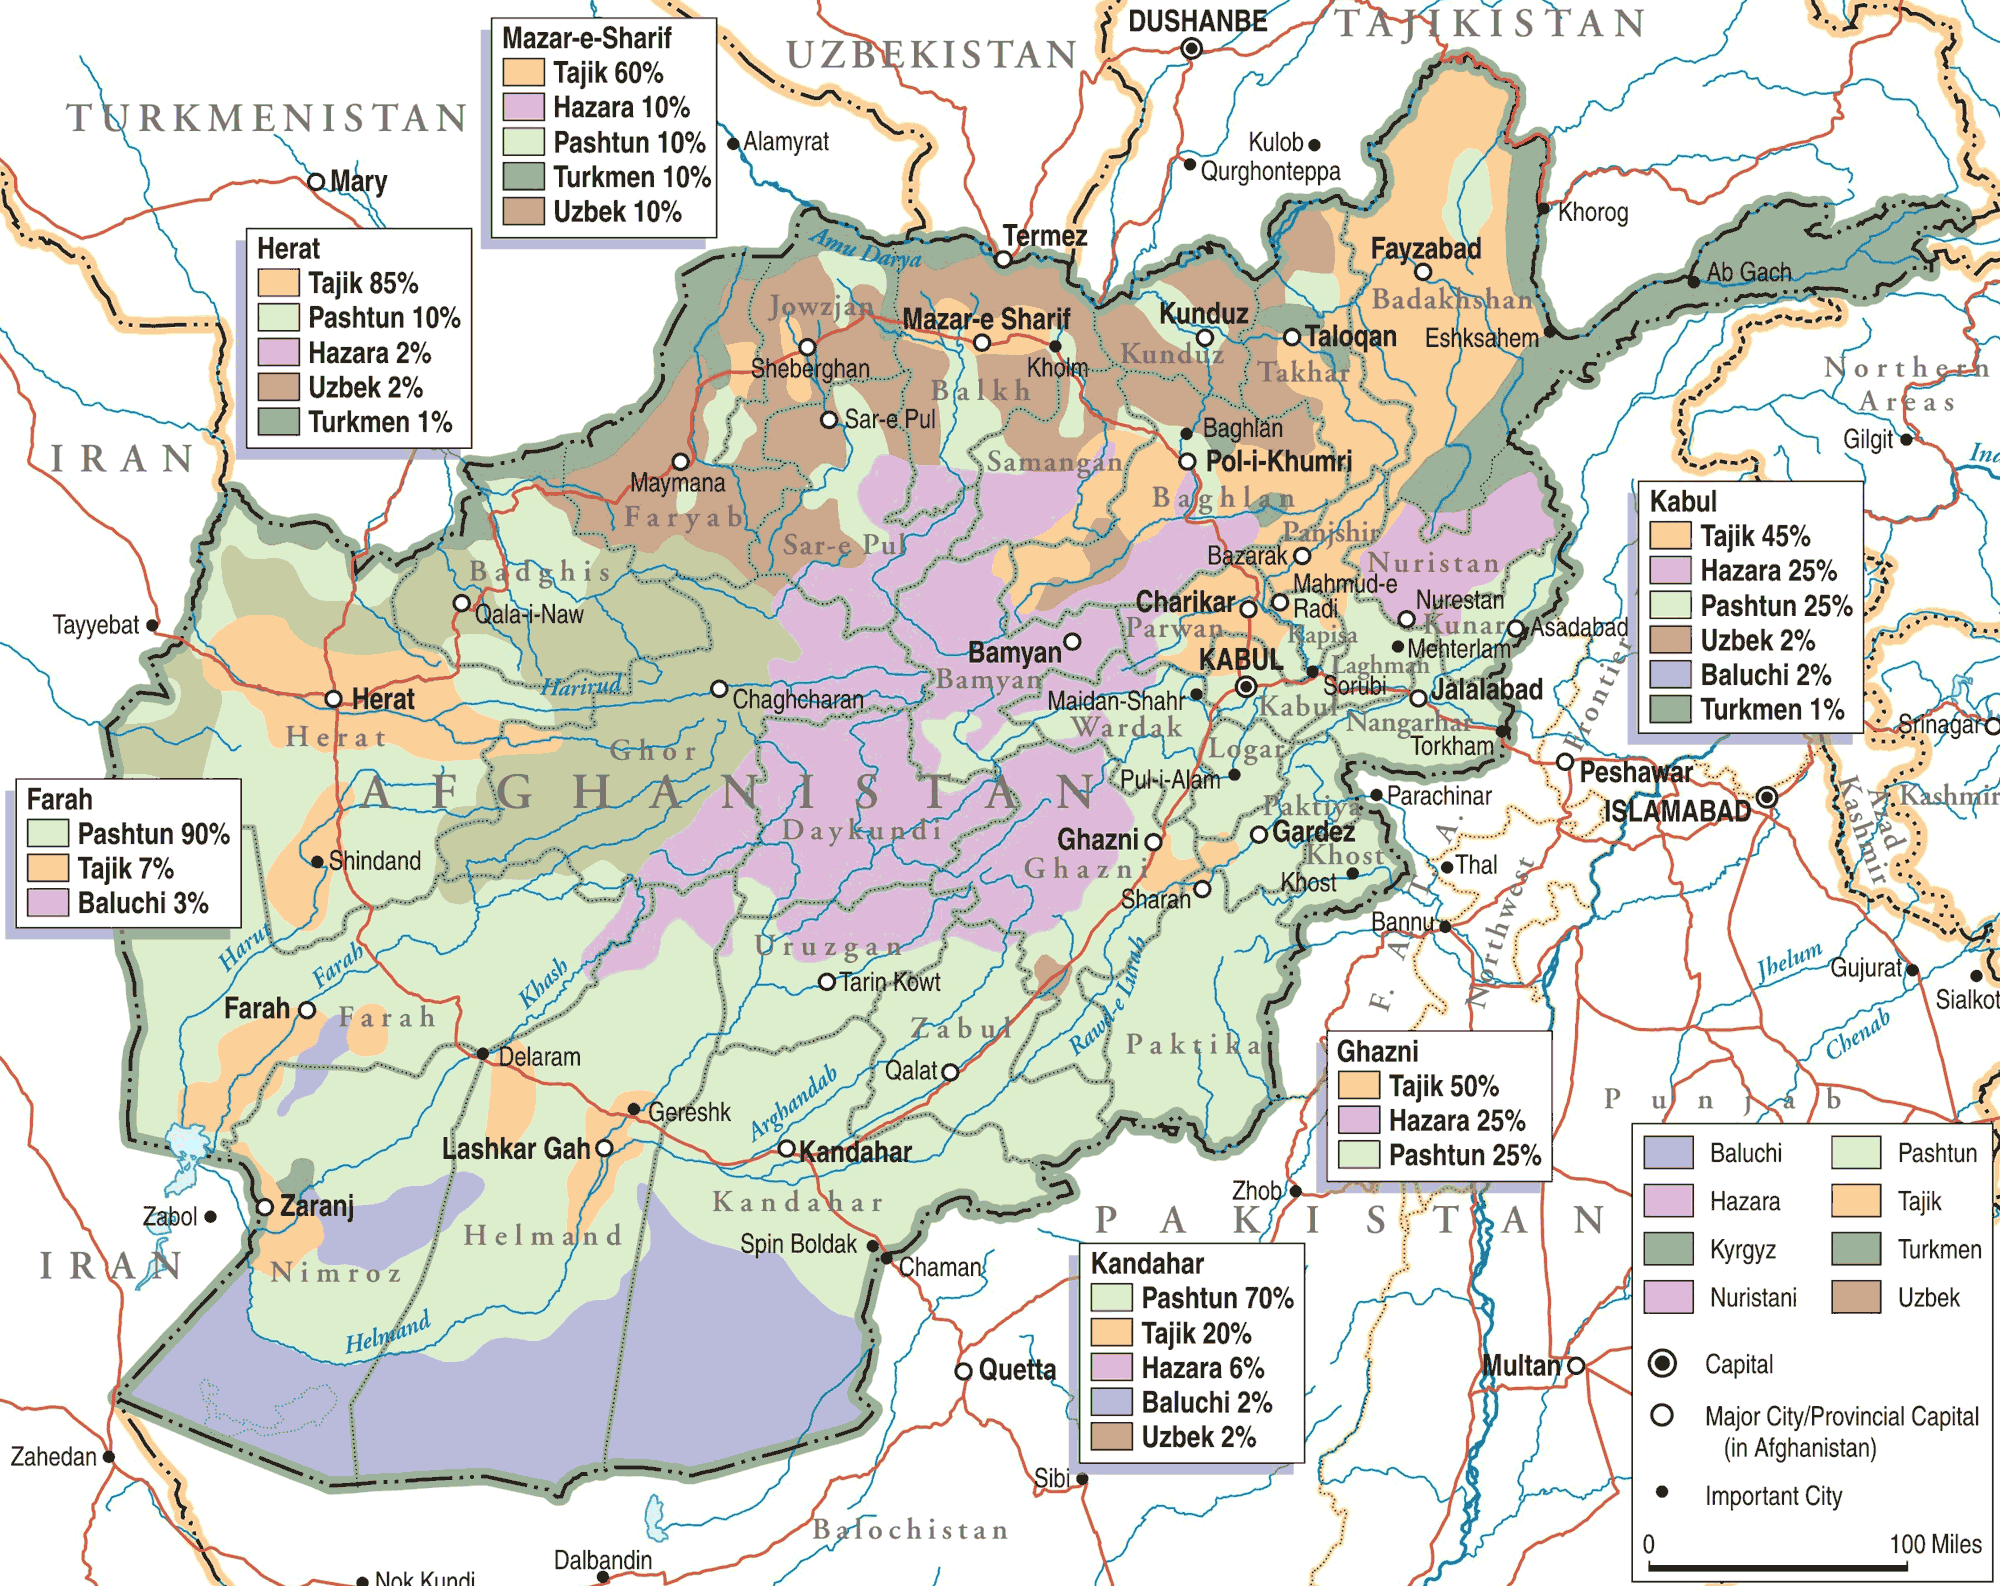 afghanistan-ethno-linguistic-groups | Weltatlas